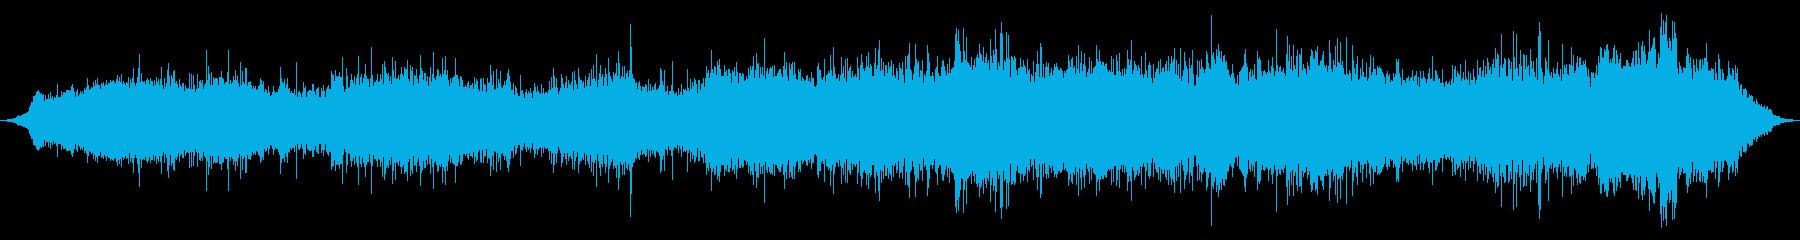 内線:オンボード:アイドル、中速で...の再生済みの波形